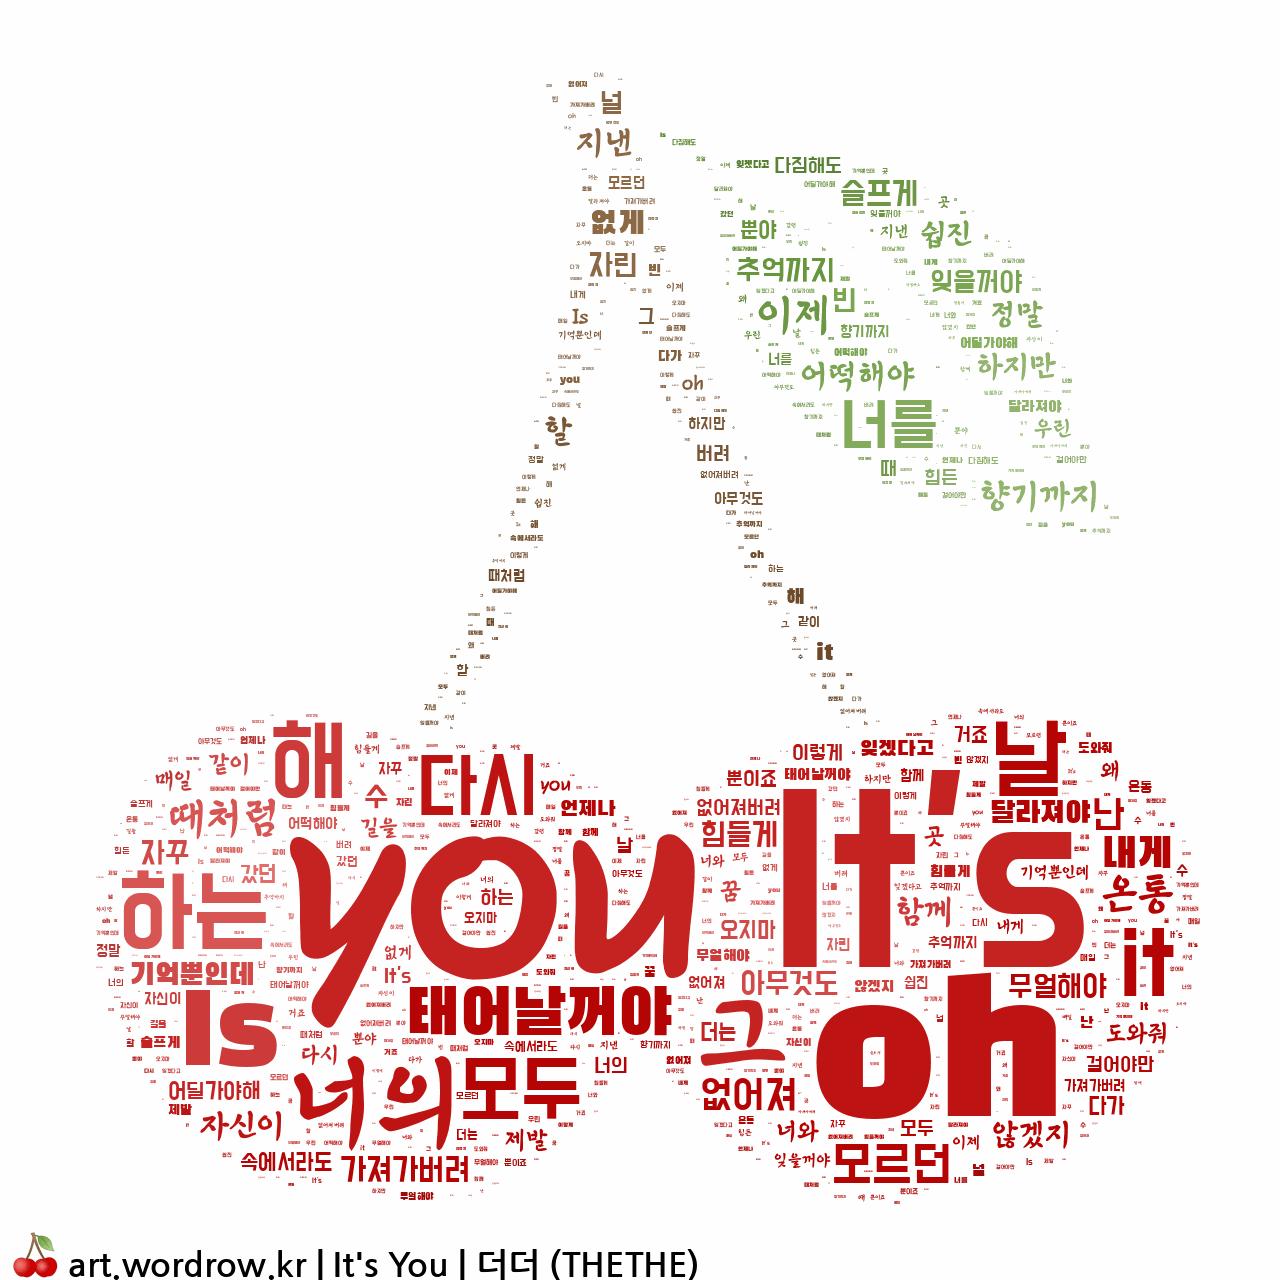 워드 클라우드: It's You [더더 (THETHE)]-57